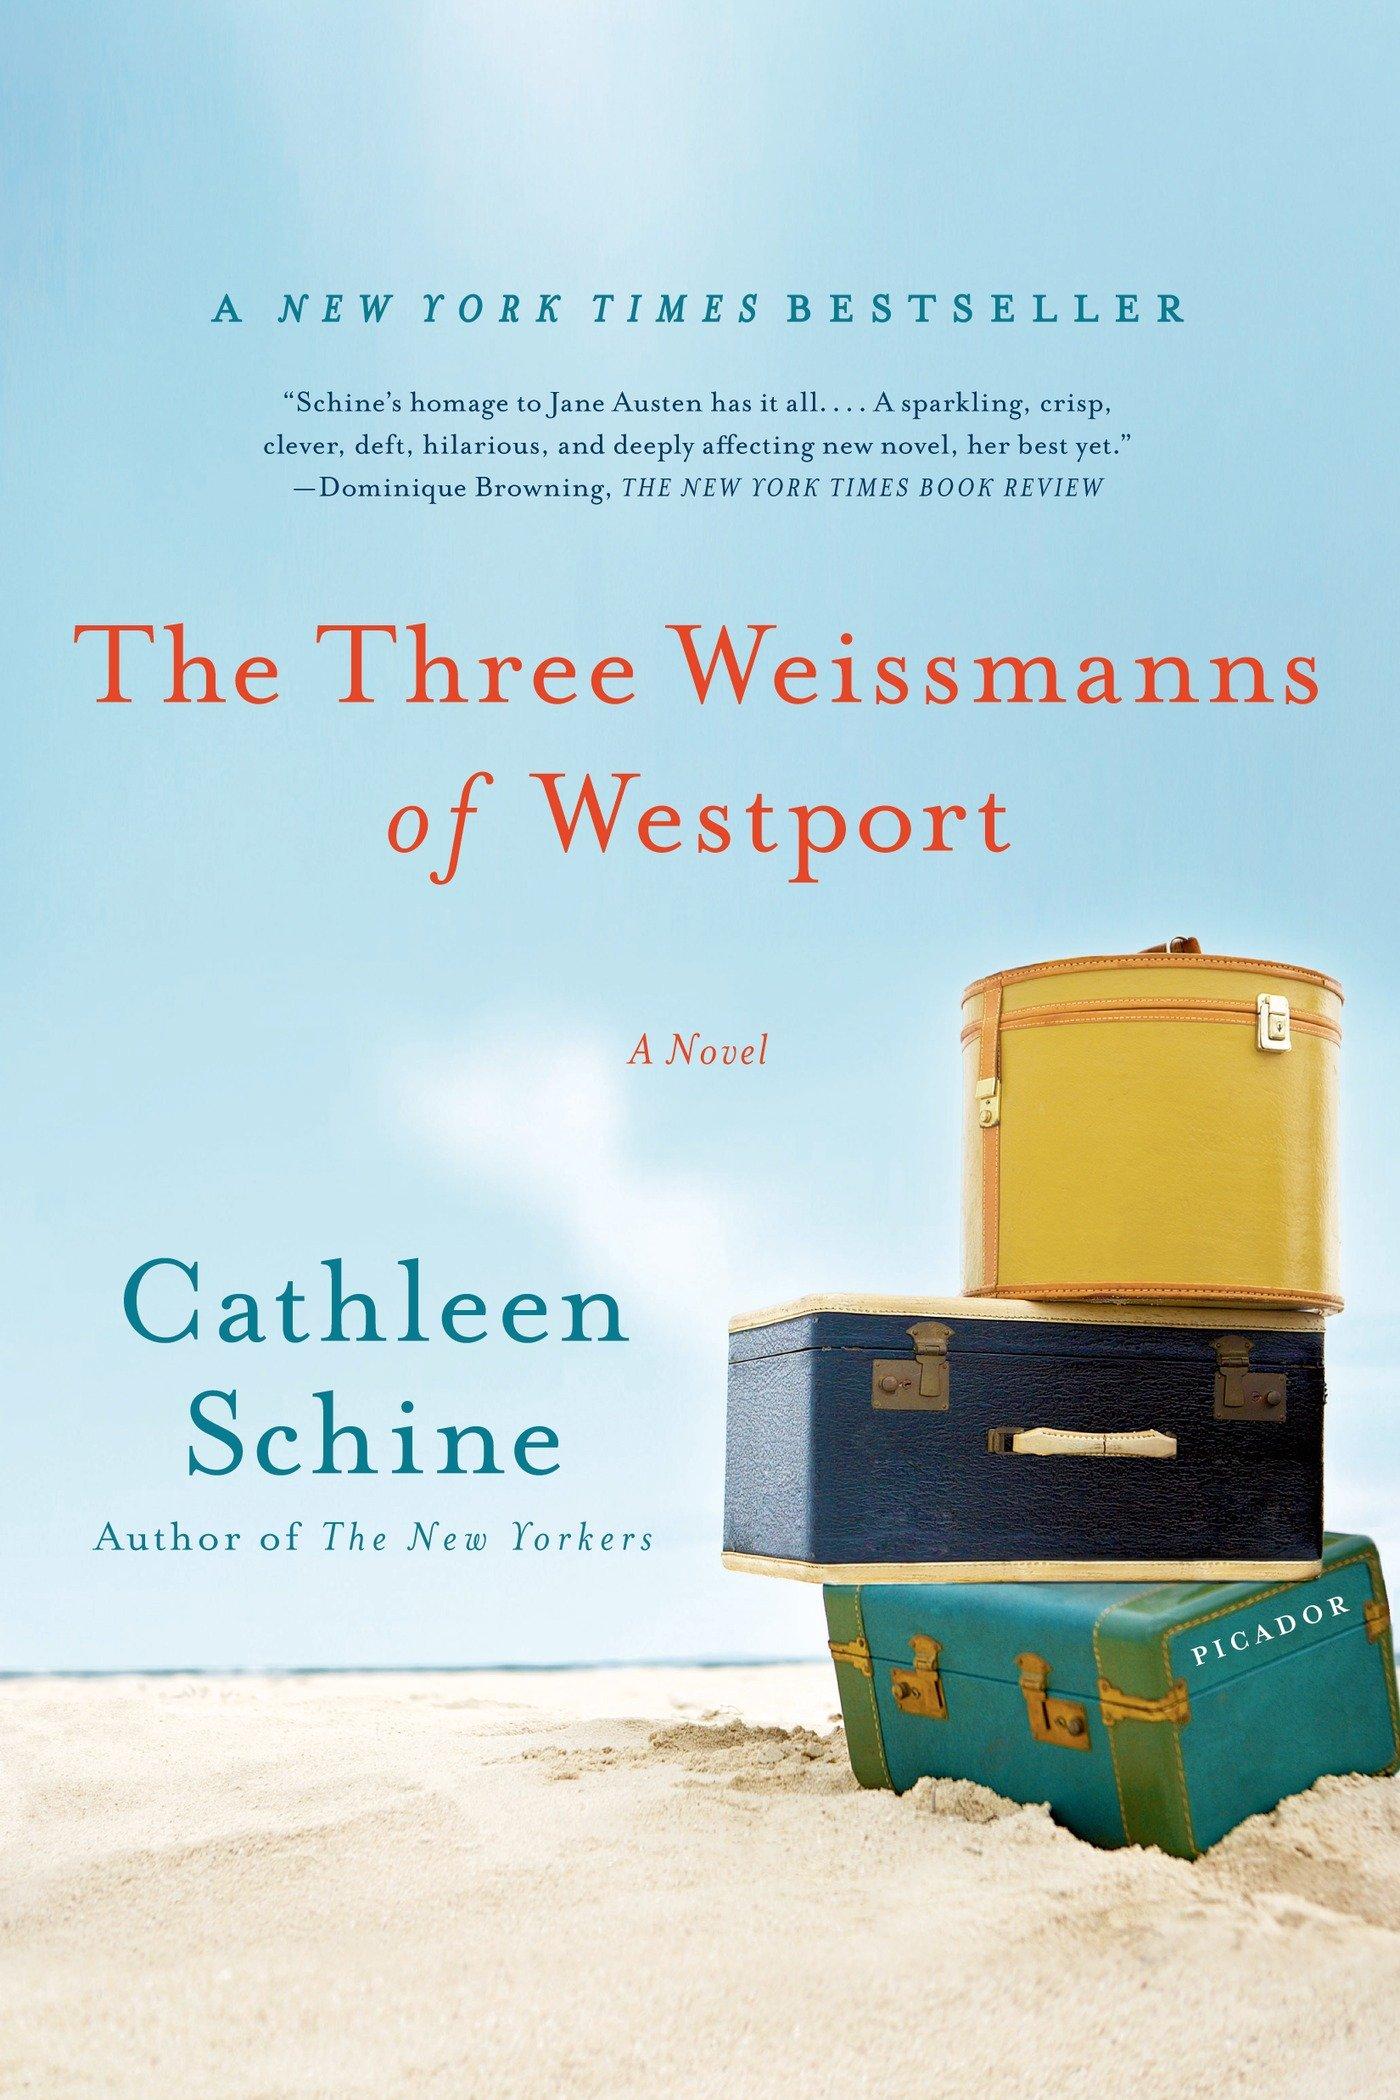 The Three Weissmanns of Westport: A Novel ebook